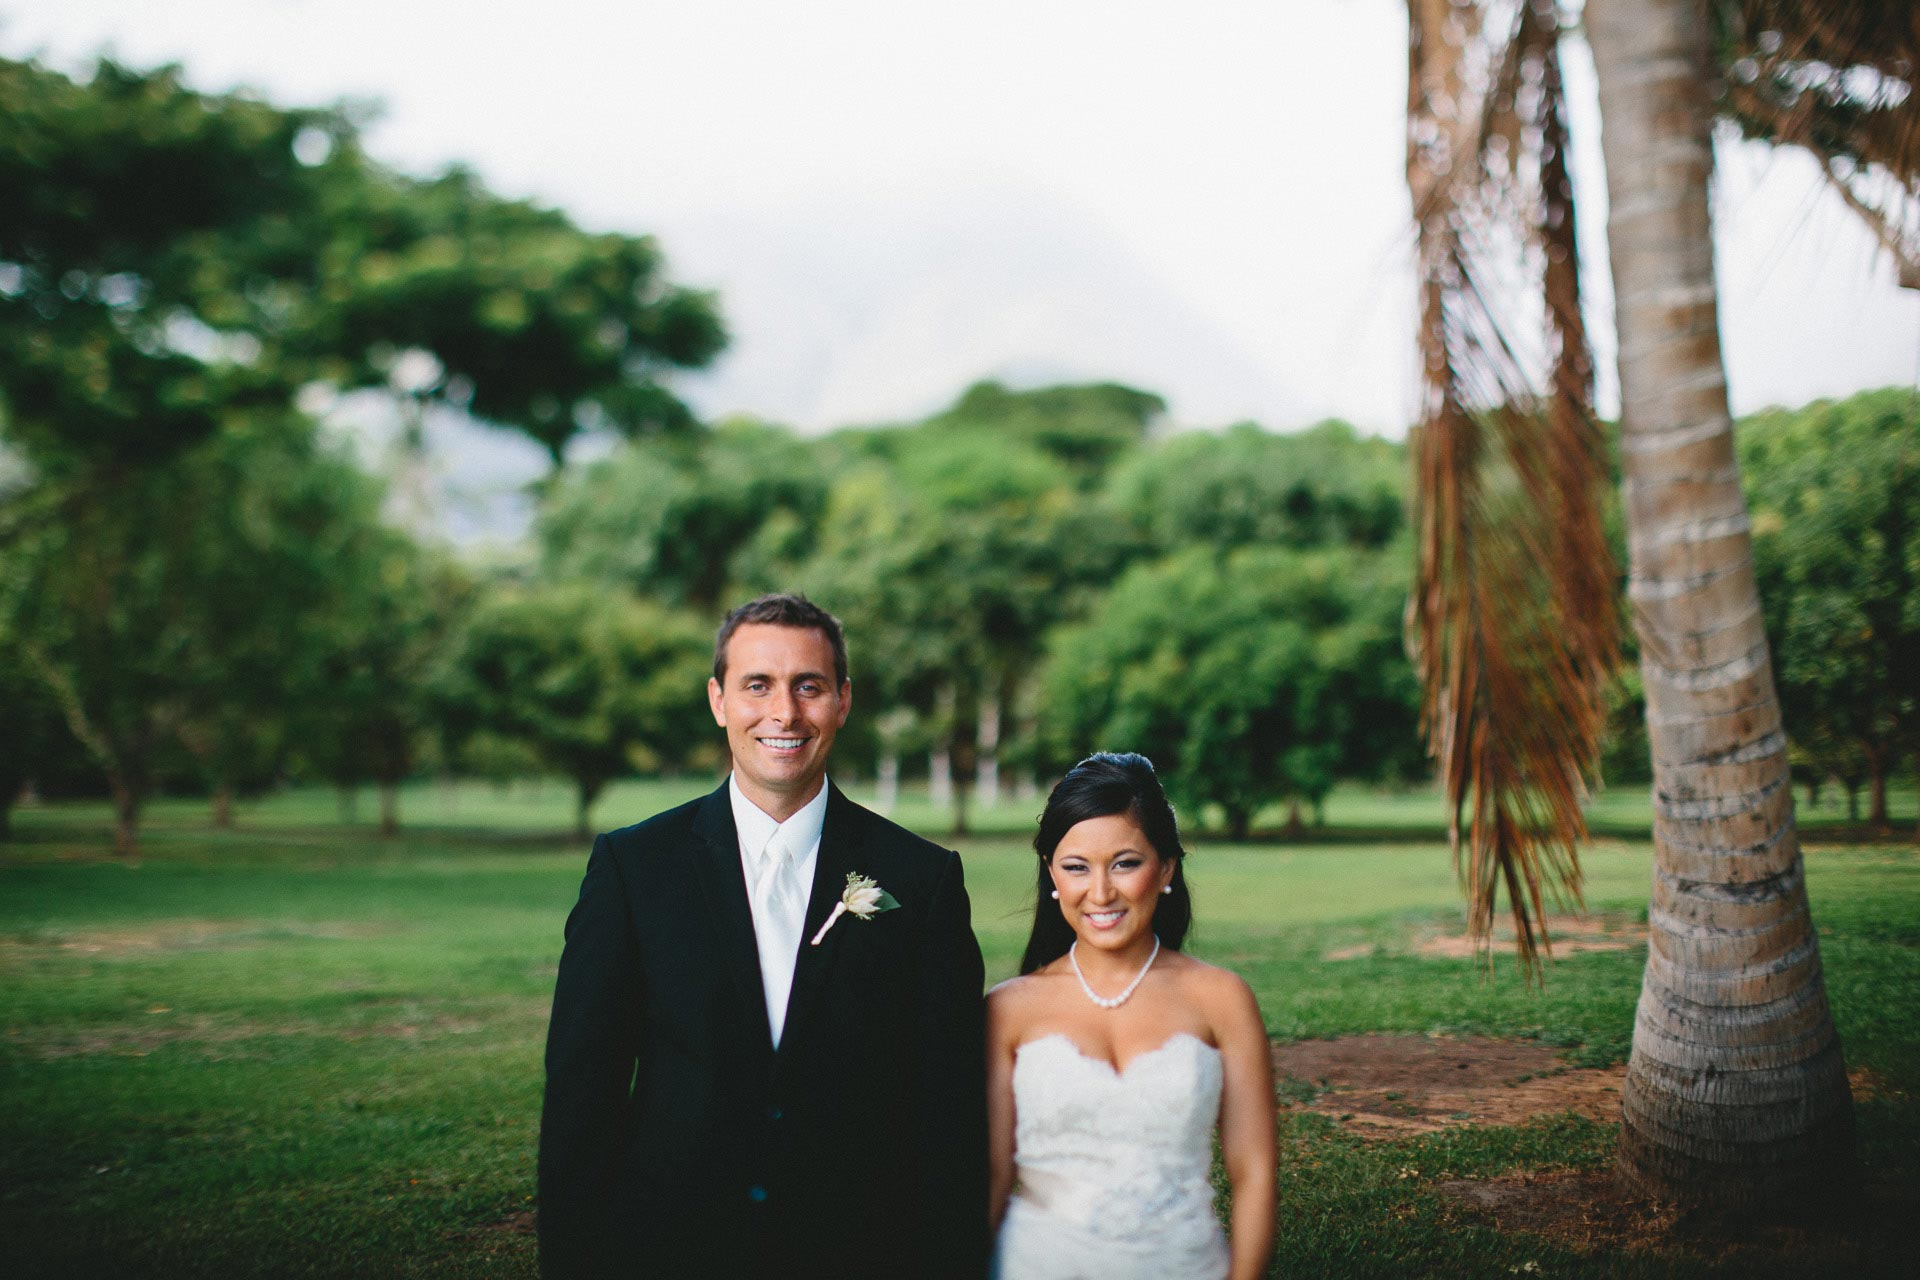 KW-Maui-Hawaii-Wedding-069@2x.jpg